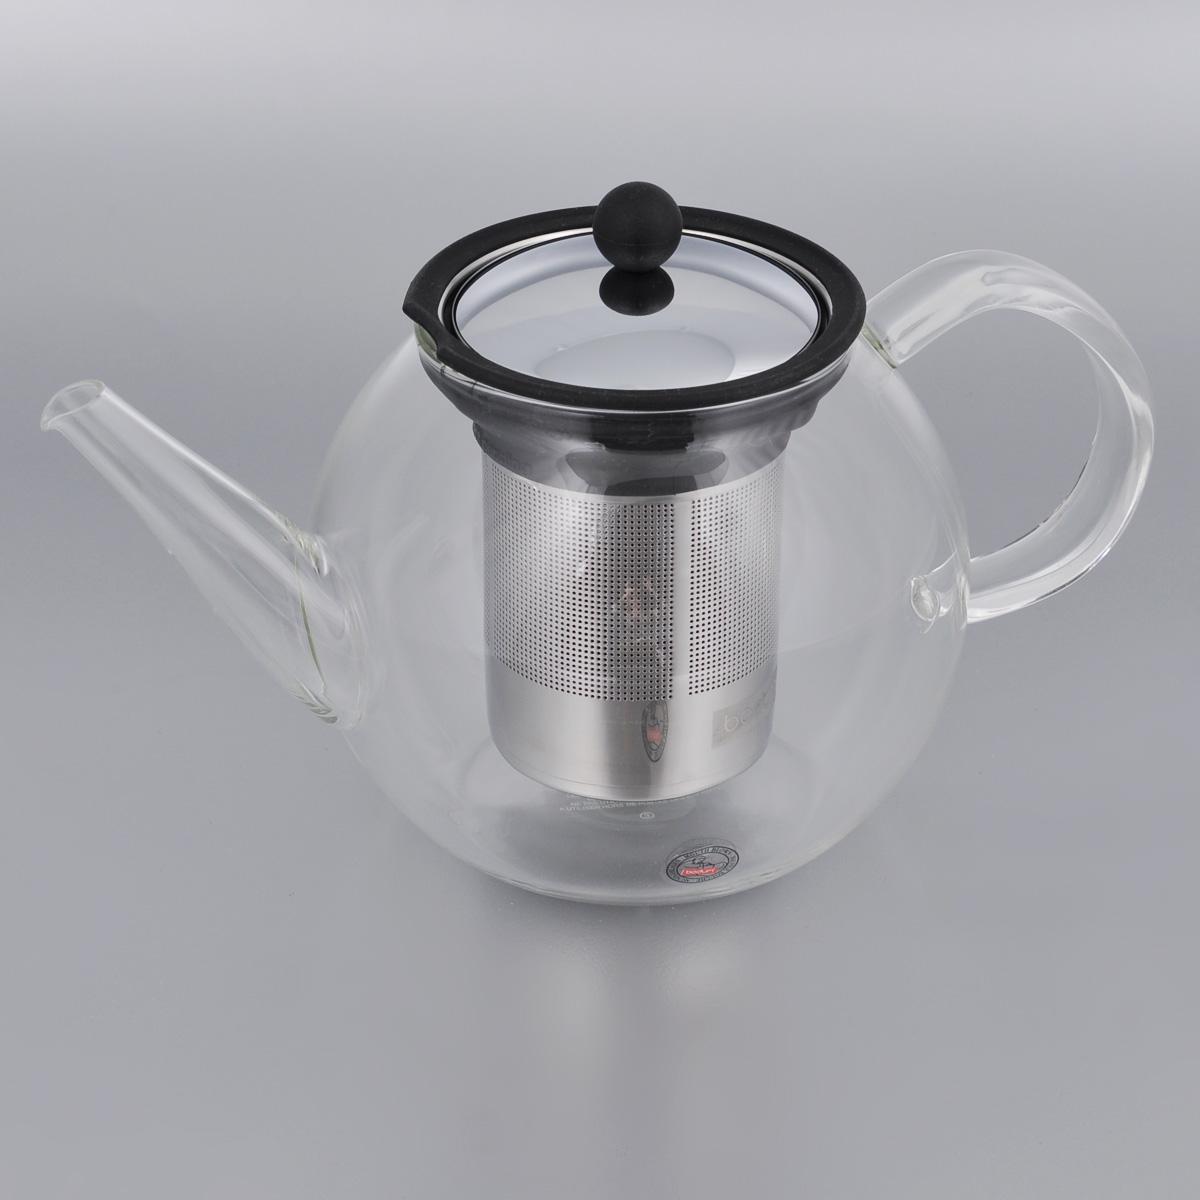 Френч-пресс Bodum Shin Cha, 1 л1803-16Френч-пресс Bodum Shin Cha выполнен из термостойкого стекла. Чайник оснащен фильтром-сеткой и прессом, выполненными из нержавеющей стали. Засыпая чайную заварку в фильтр-сетку и заливая ее горячей водой, вы получаете ароматный чай с оптимальной крепостью и насыщенностью. Остановить процесс заварки чая легко. Для этого нужно просто опустить поршень, и заварка уйдет вниз, оставляя вверху напиток, готовый к употреблению. Френч-пресс Bodum Shin Cha займет достойное место на вашей кухне и позволит вам заварить свежий, ароматный чай. Диаметр (по верхнему краю): 9 см. Высота (без учета крышки): 12,5 см.